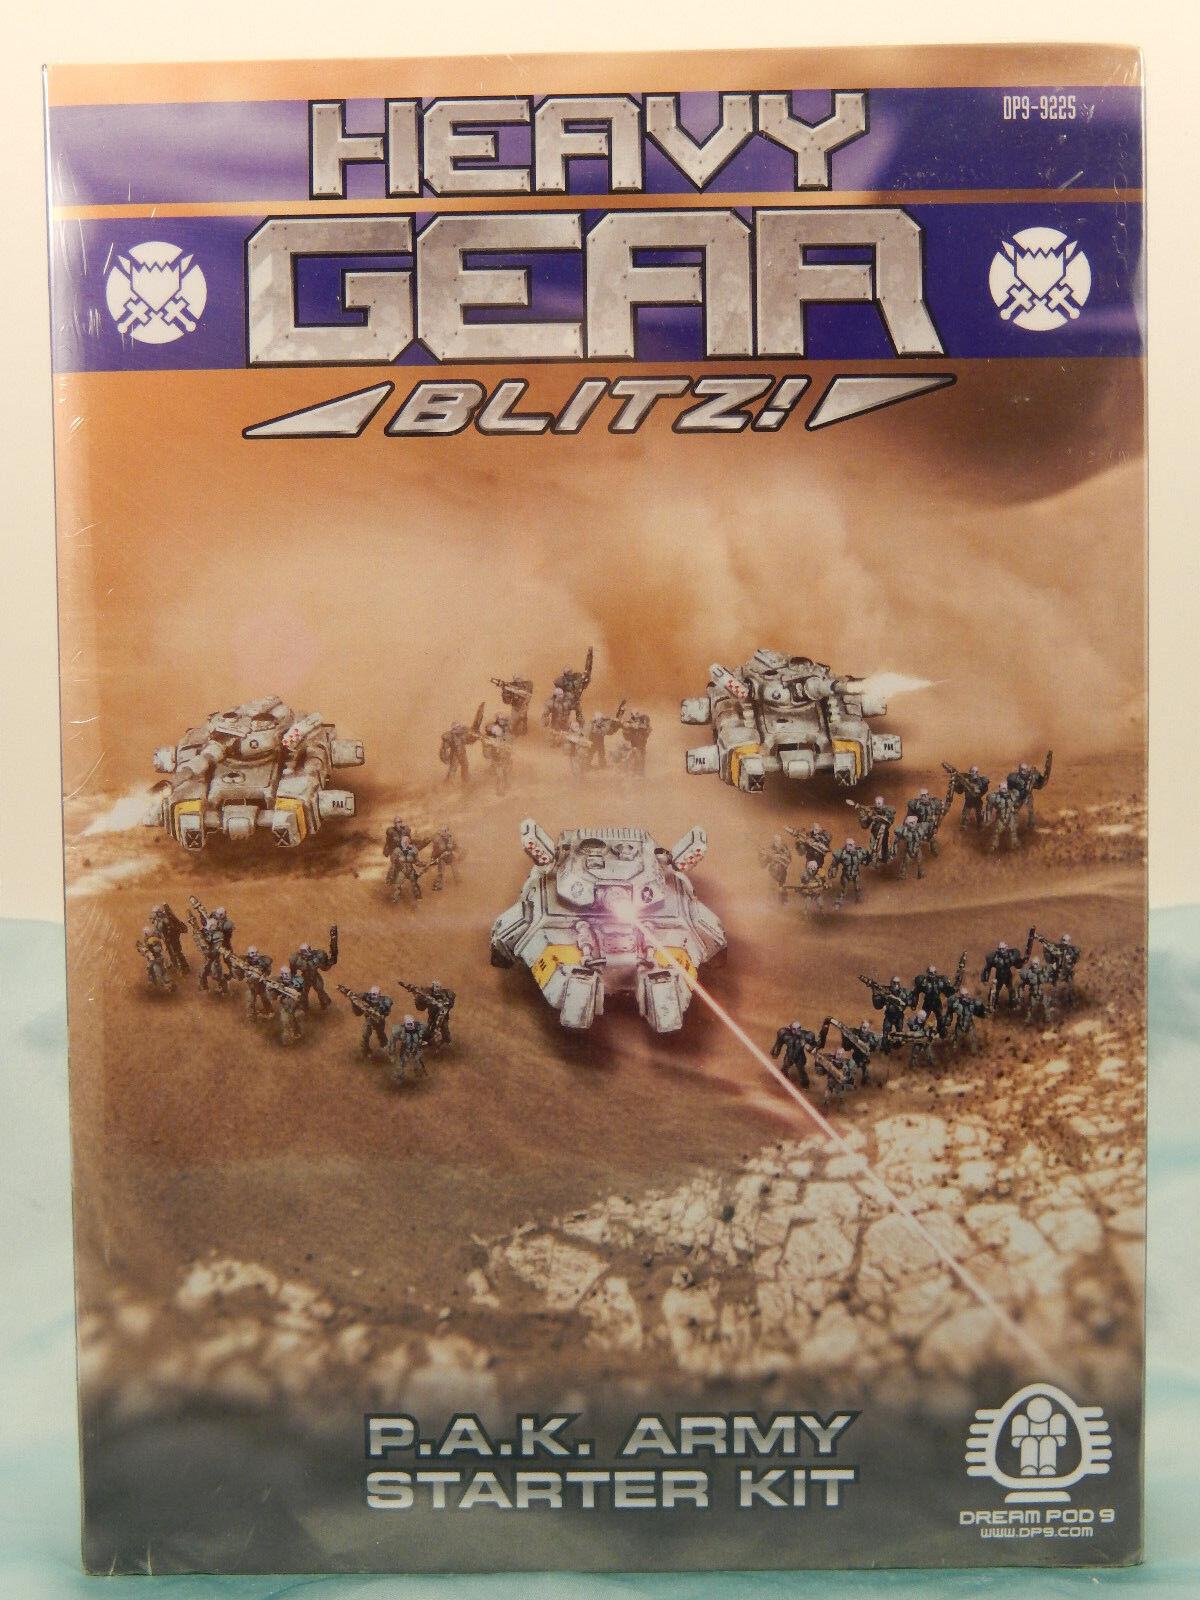 Heavy Gear Blitz  Pak Ejército Starter Kit (Caja de arranque)  Totalmente nuevo Sellado  DP9